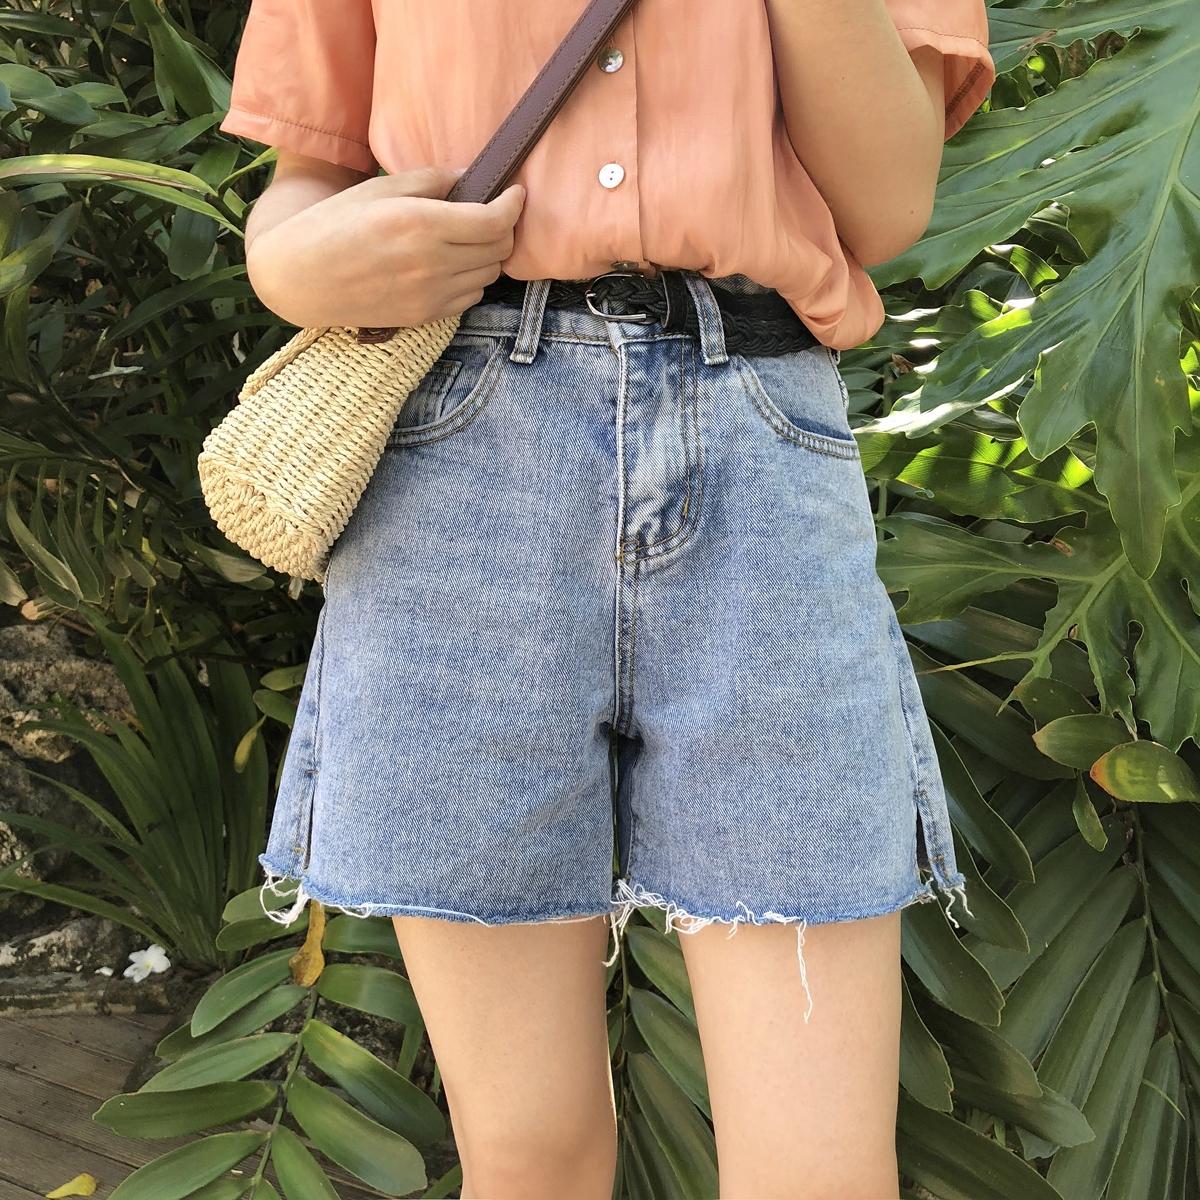 YUKI Xiaoshu nhà phổ biến trong năm nay nhỏ chia phần giữa quần jean mỏng quần short Hàn Quốc mùa hè mới k0440